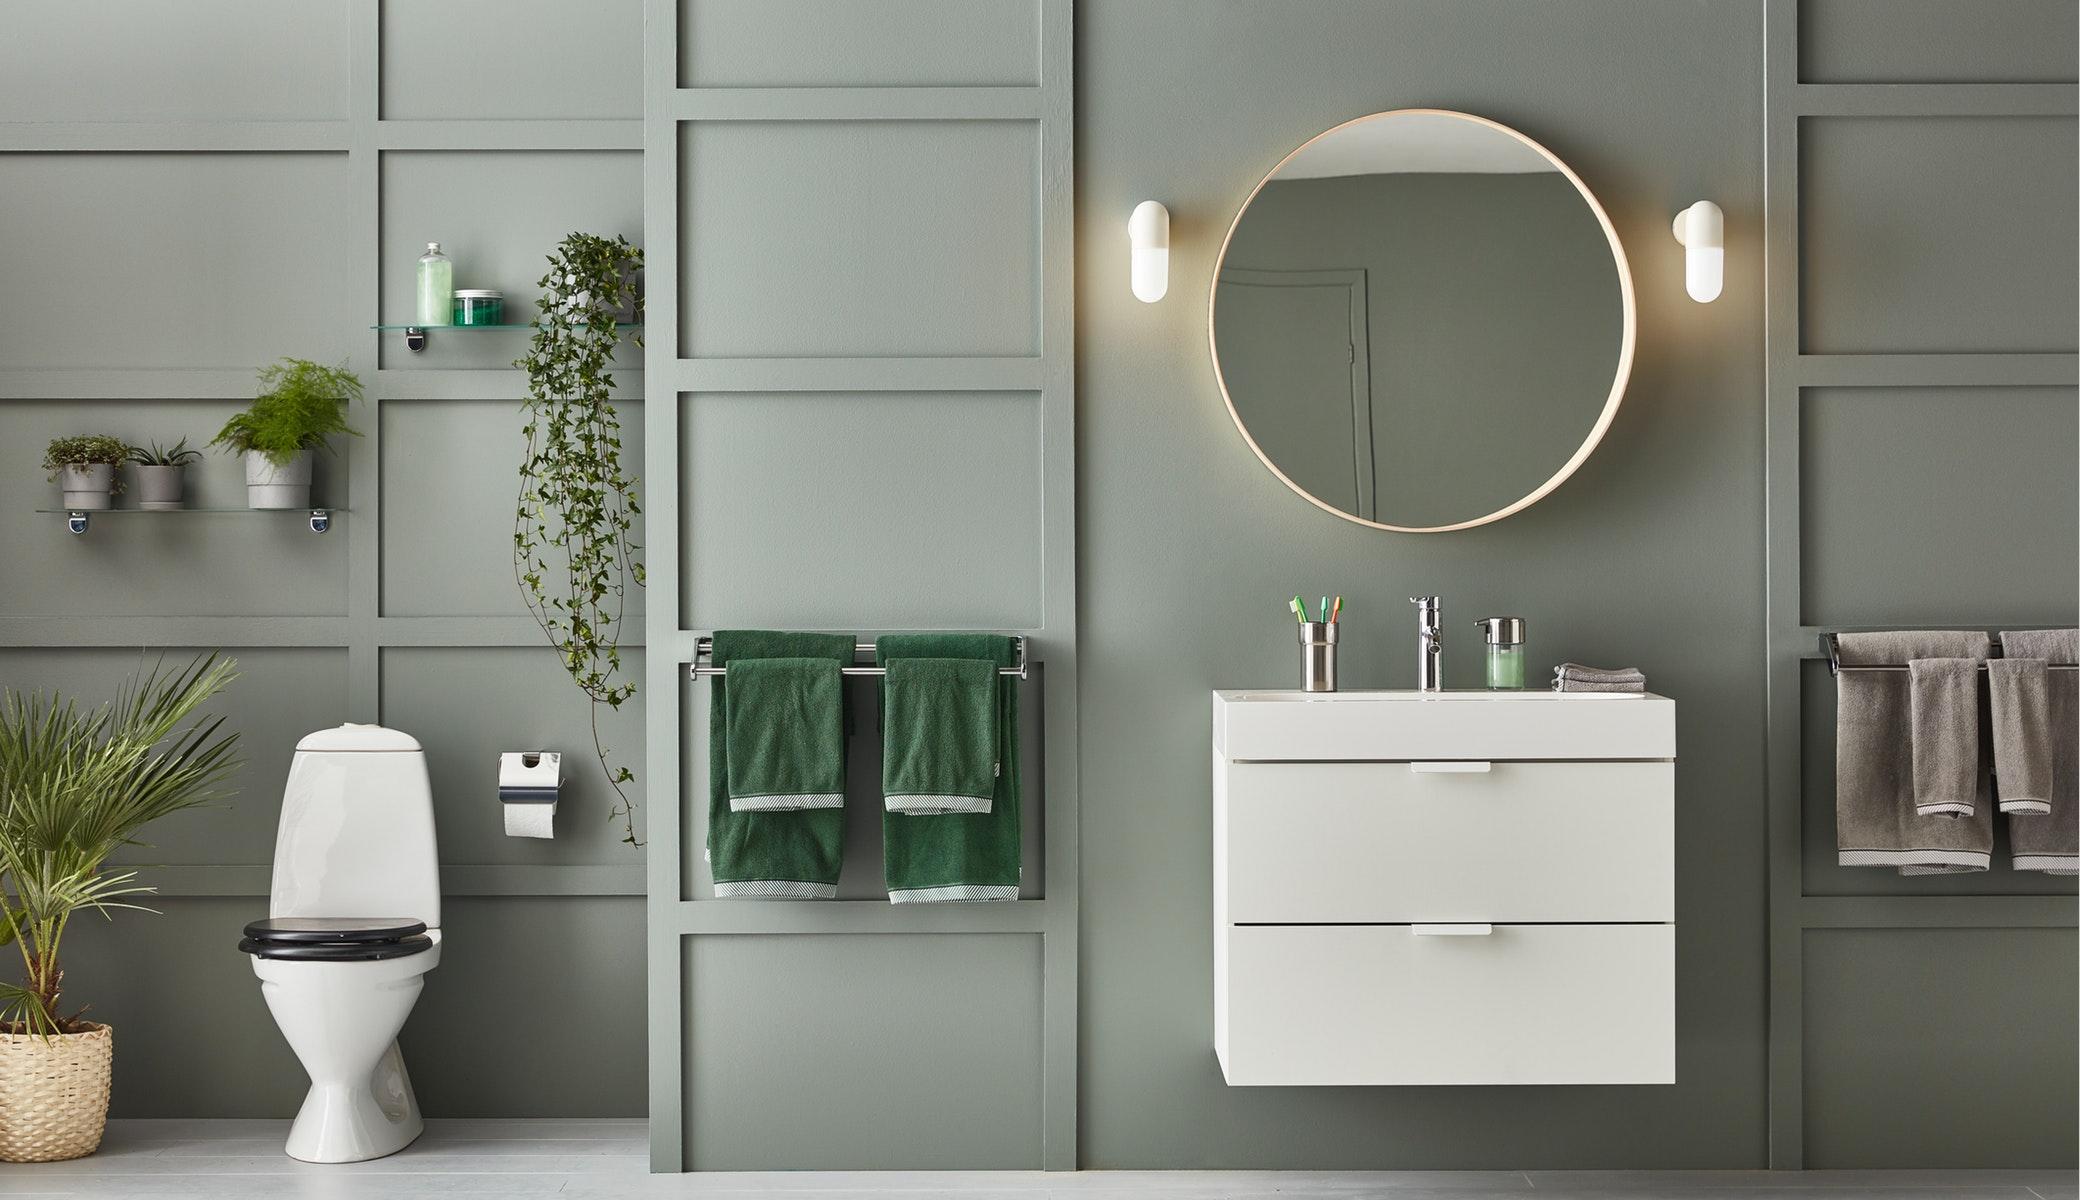 時尚的KALKGRUND浴室配件採用耐用的鍍鉻飾面,令浴室感覺立即煥然一新,而且容易清潔,更可防銹。